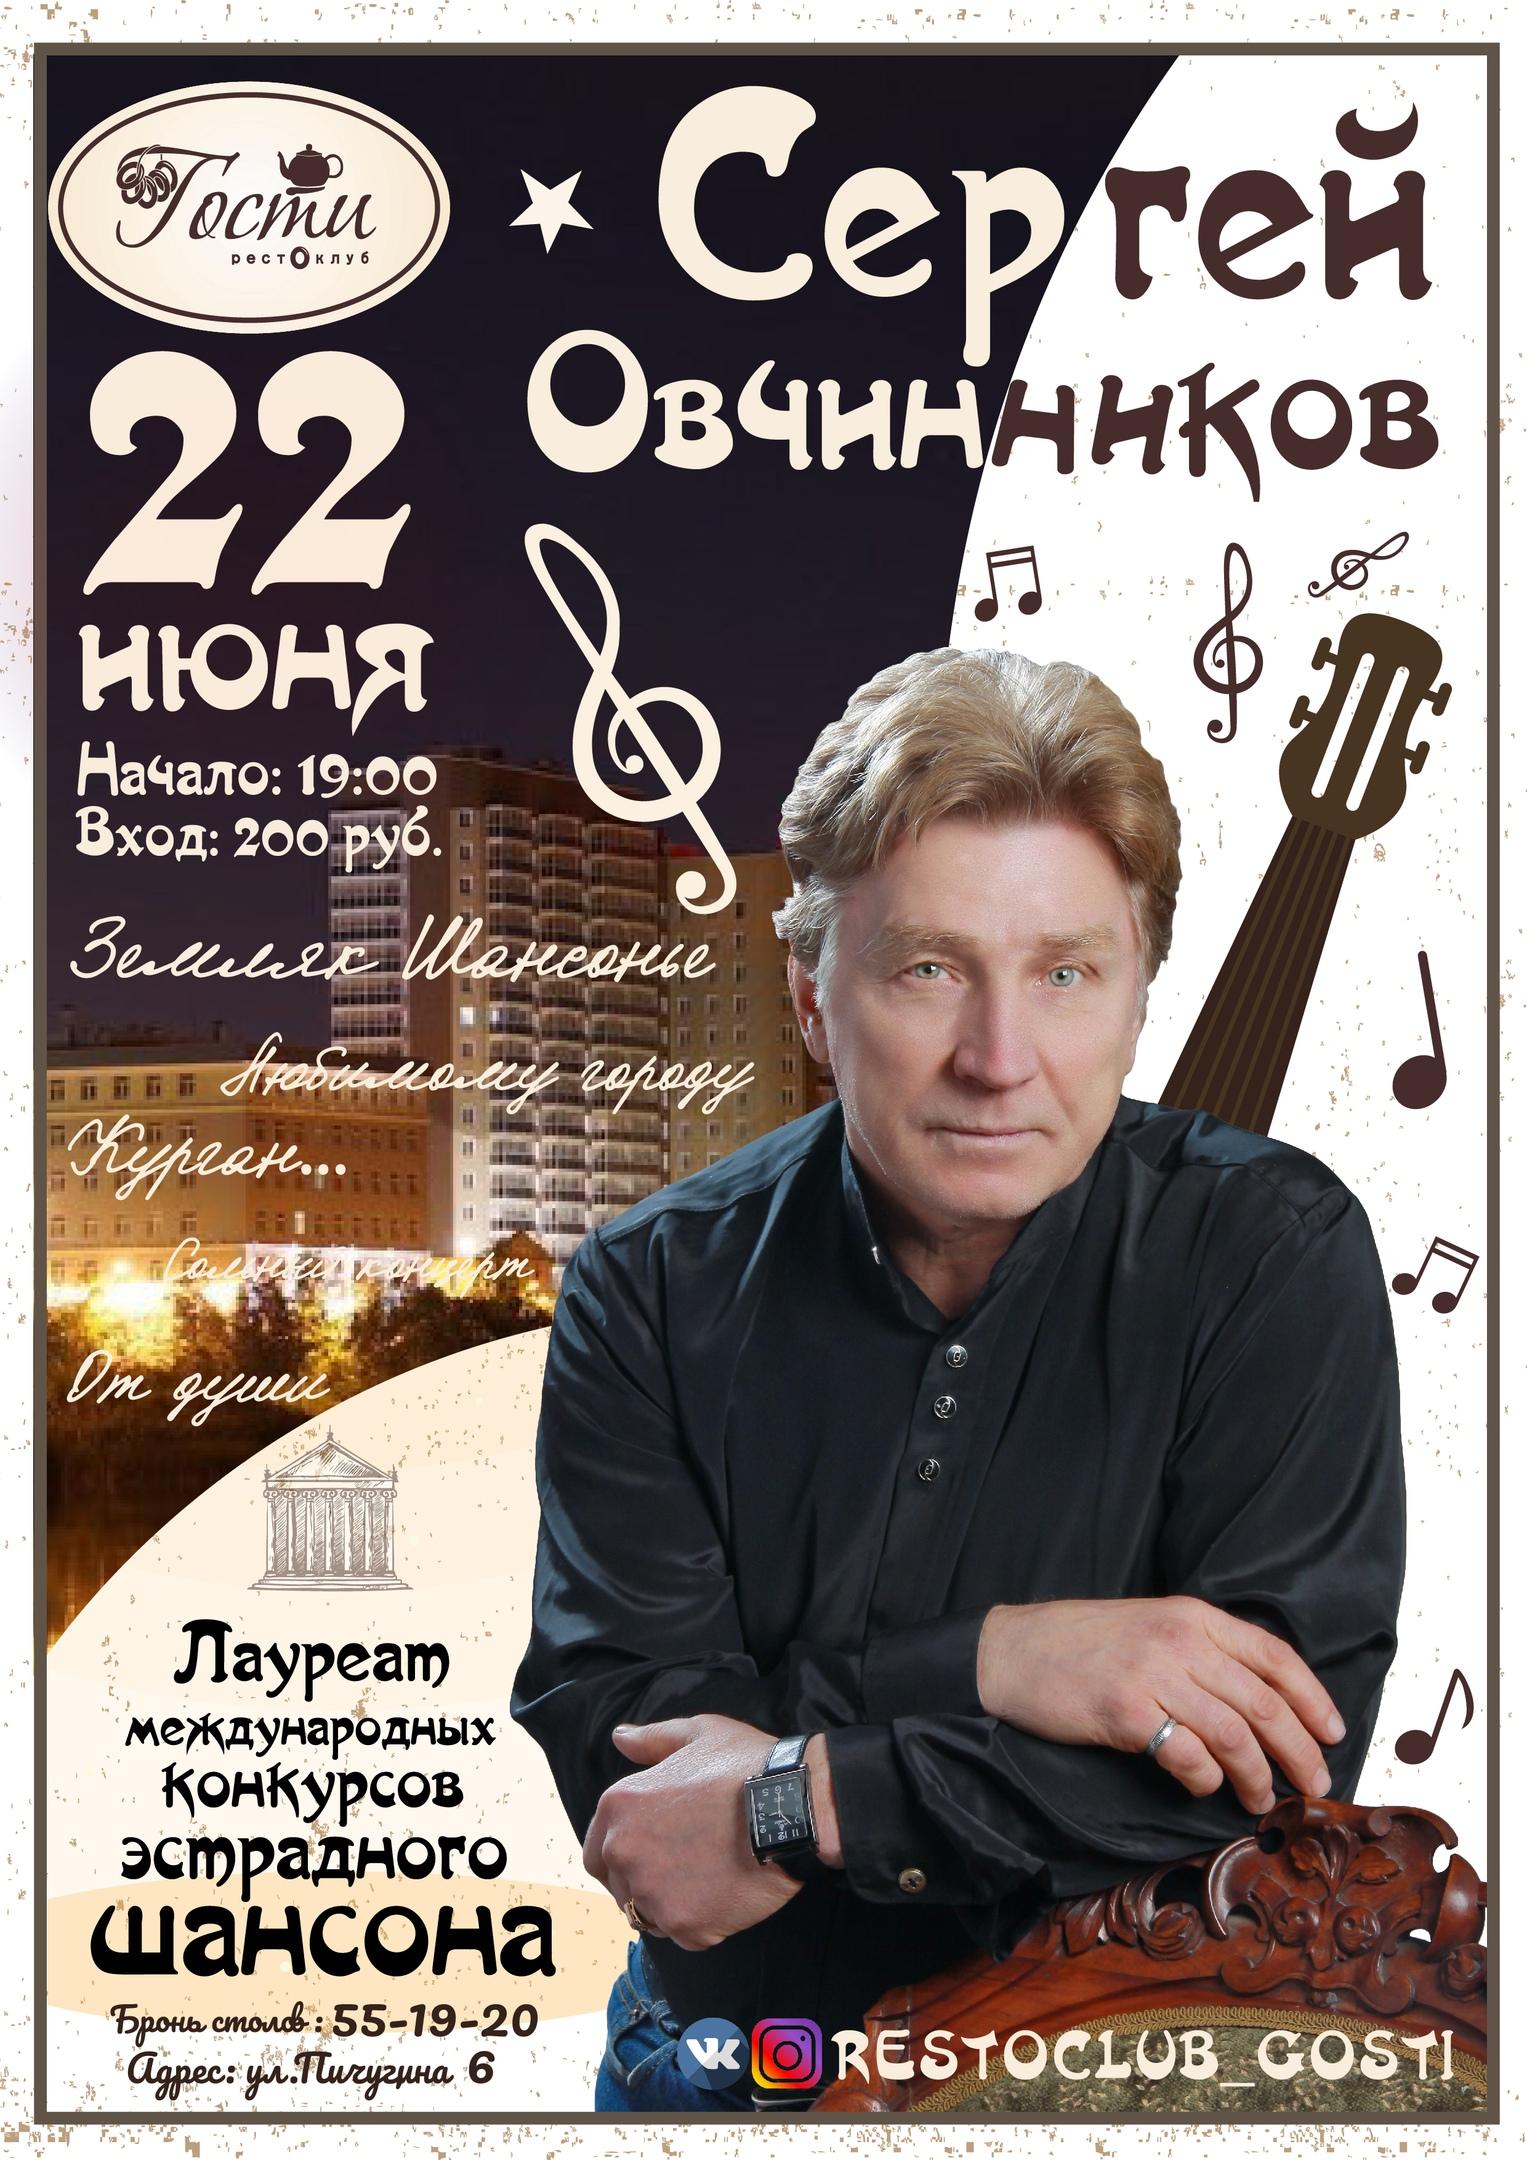 мероприятие Концерт Сергея Овчинникова курган афиша расписание